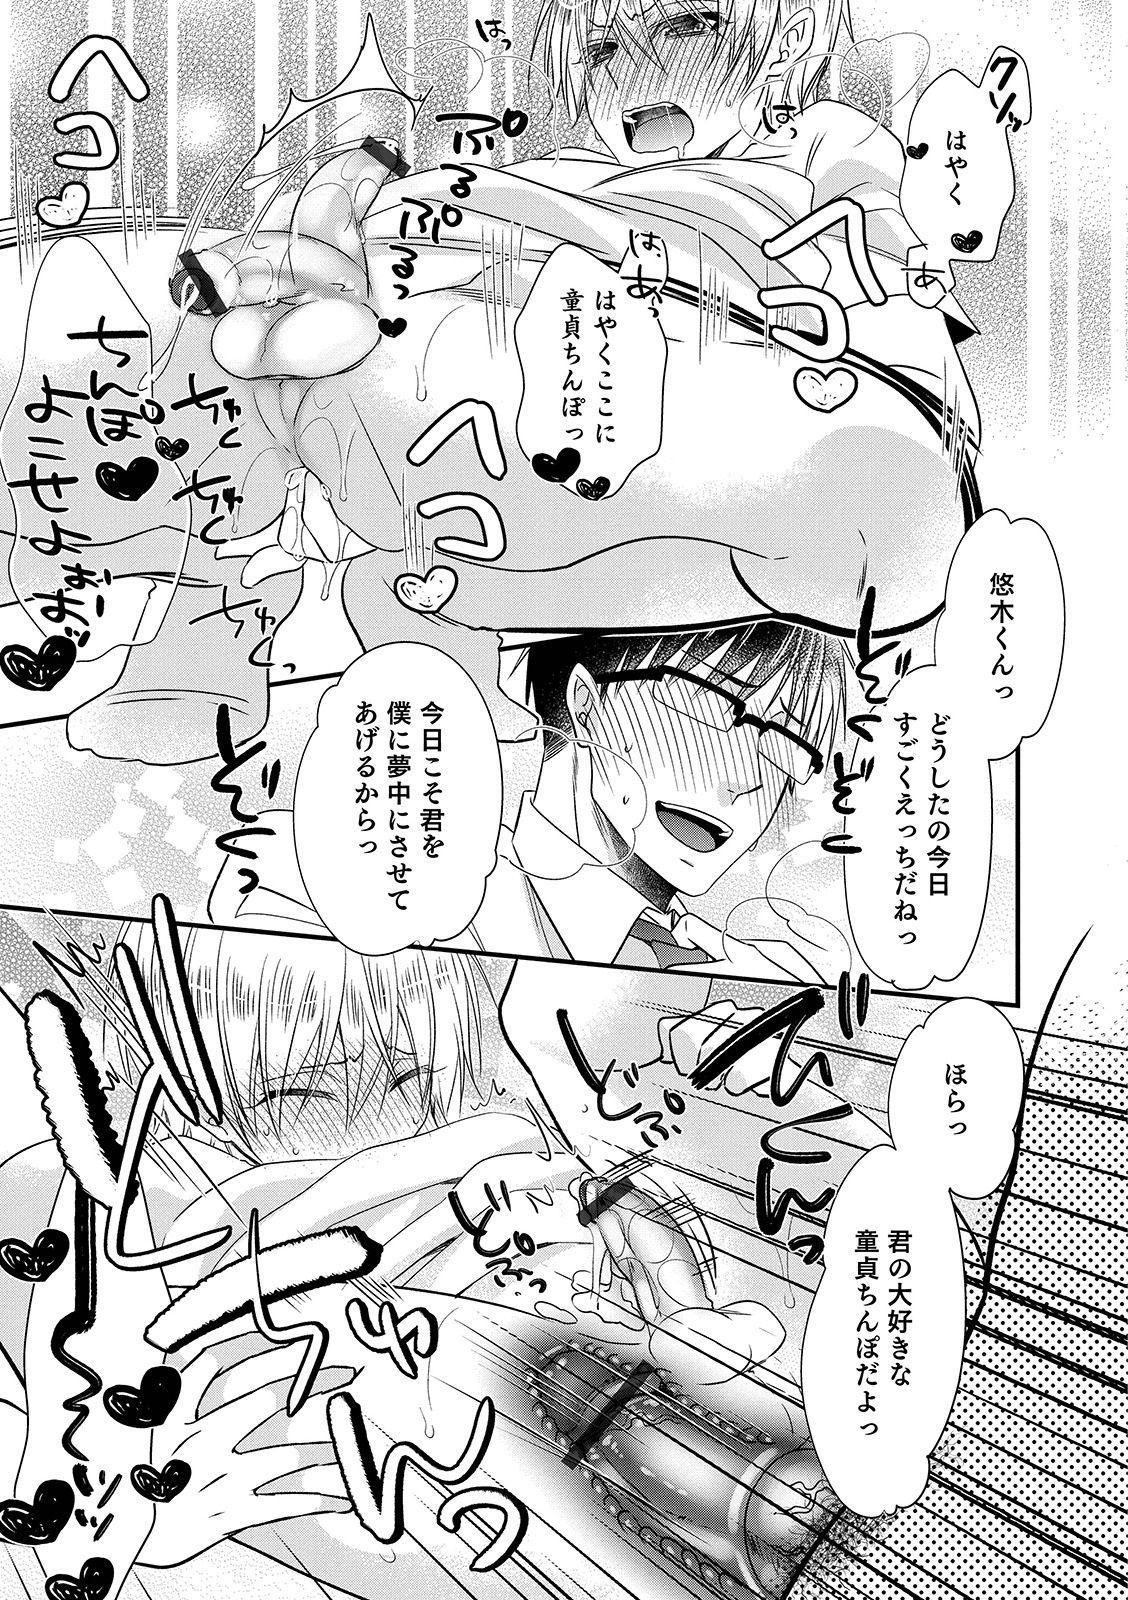 Otokonoko Heaven's Door 9 38